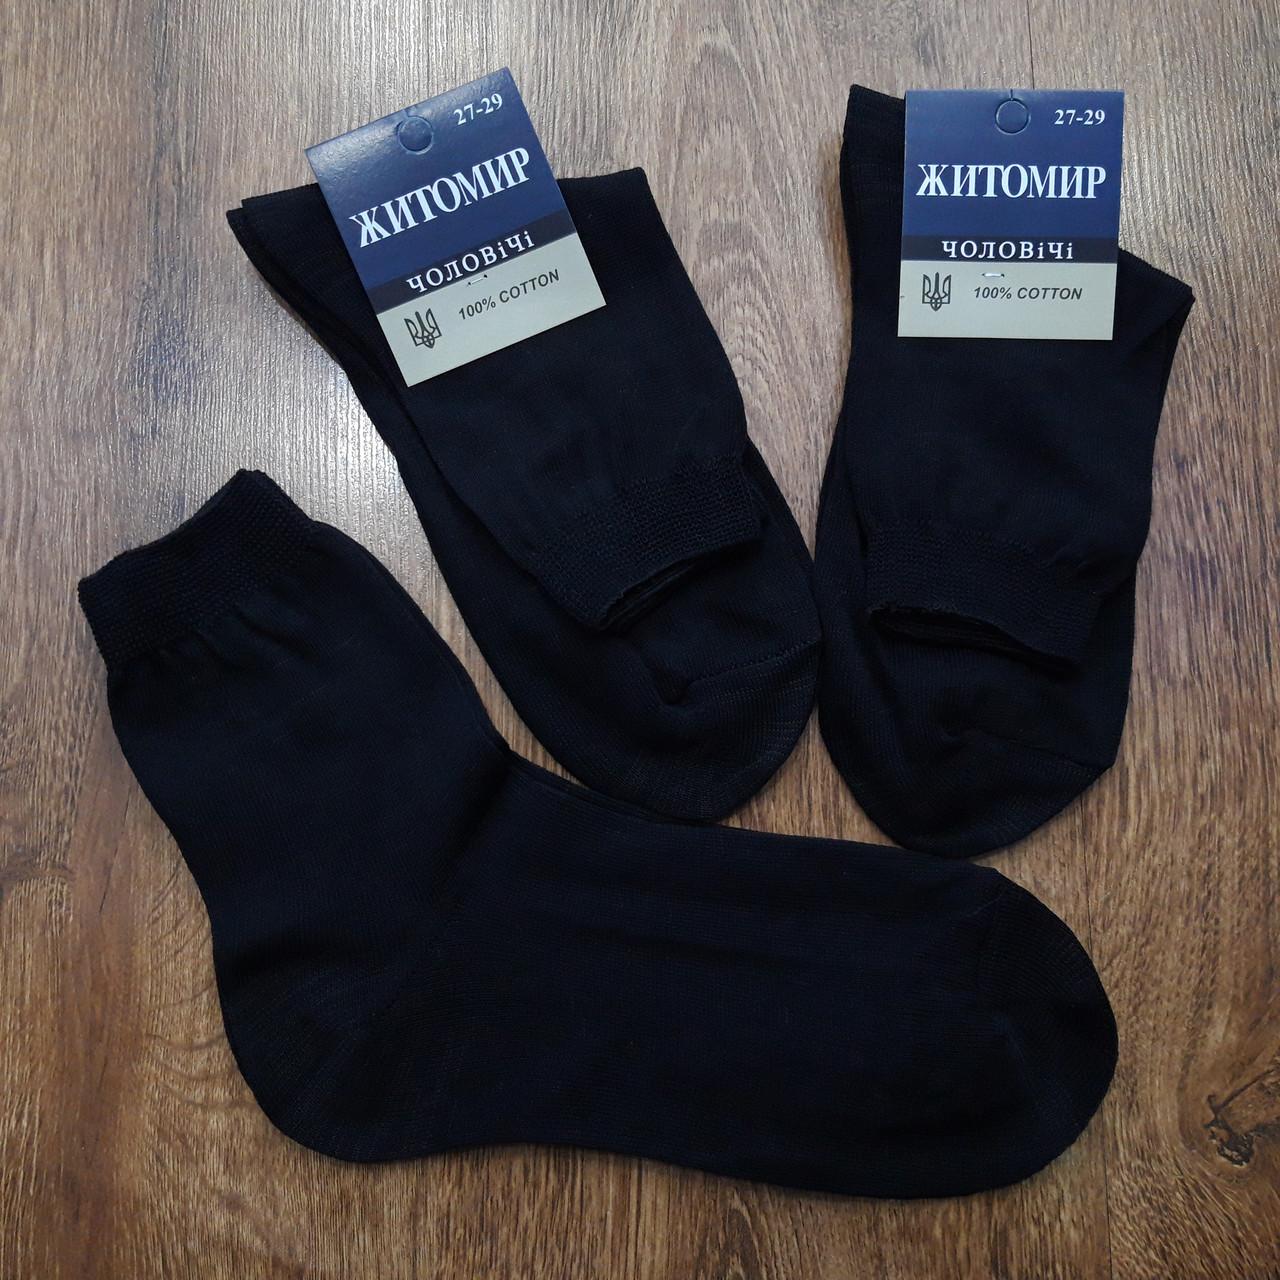 Шкарпетки чоловічі х/б класичні «Житомир Cotton» 27-29